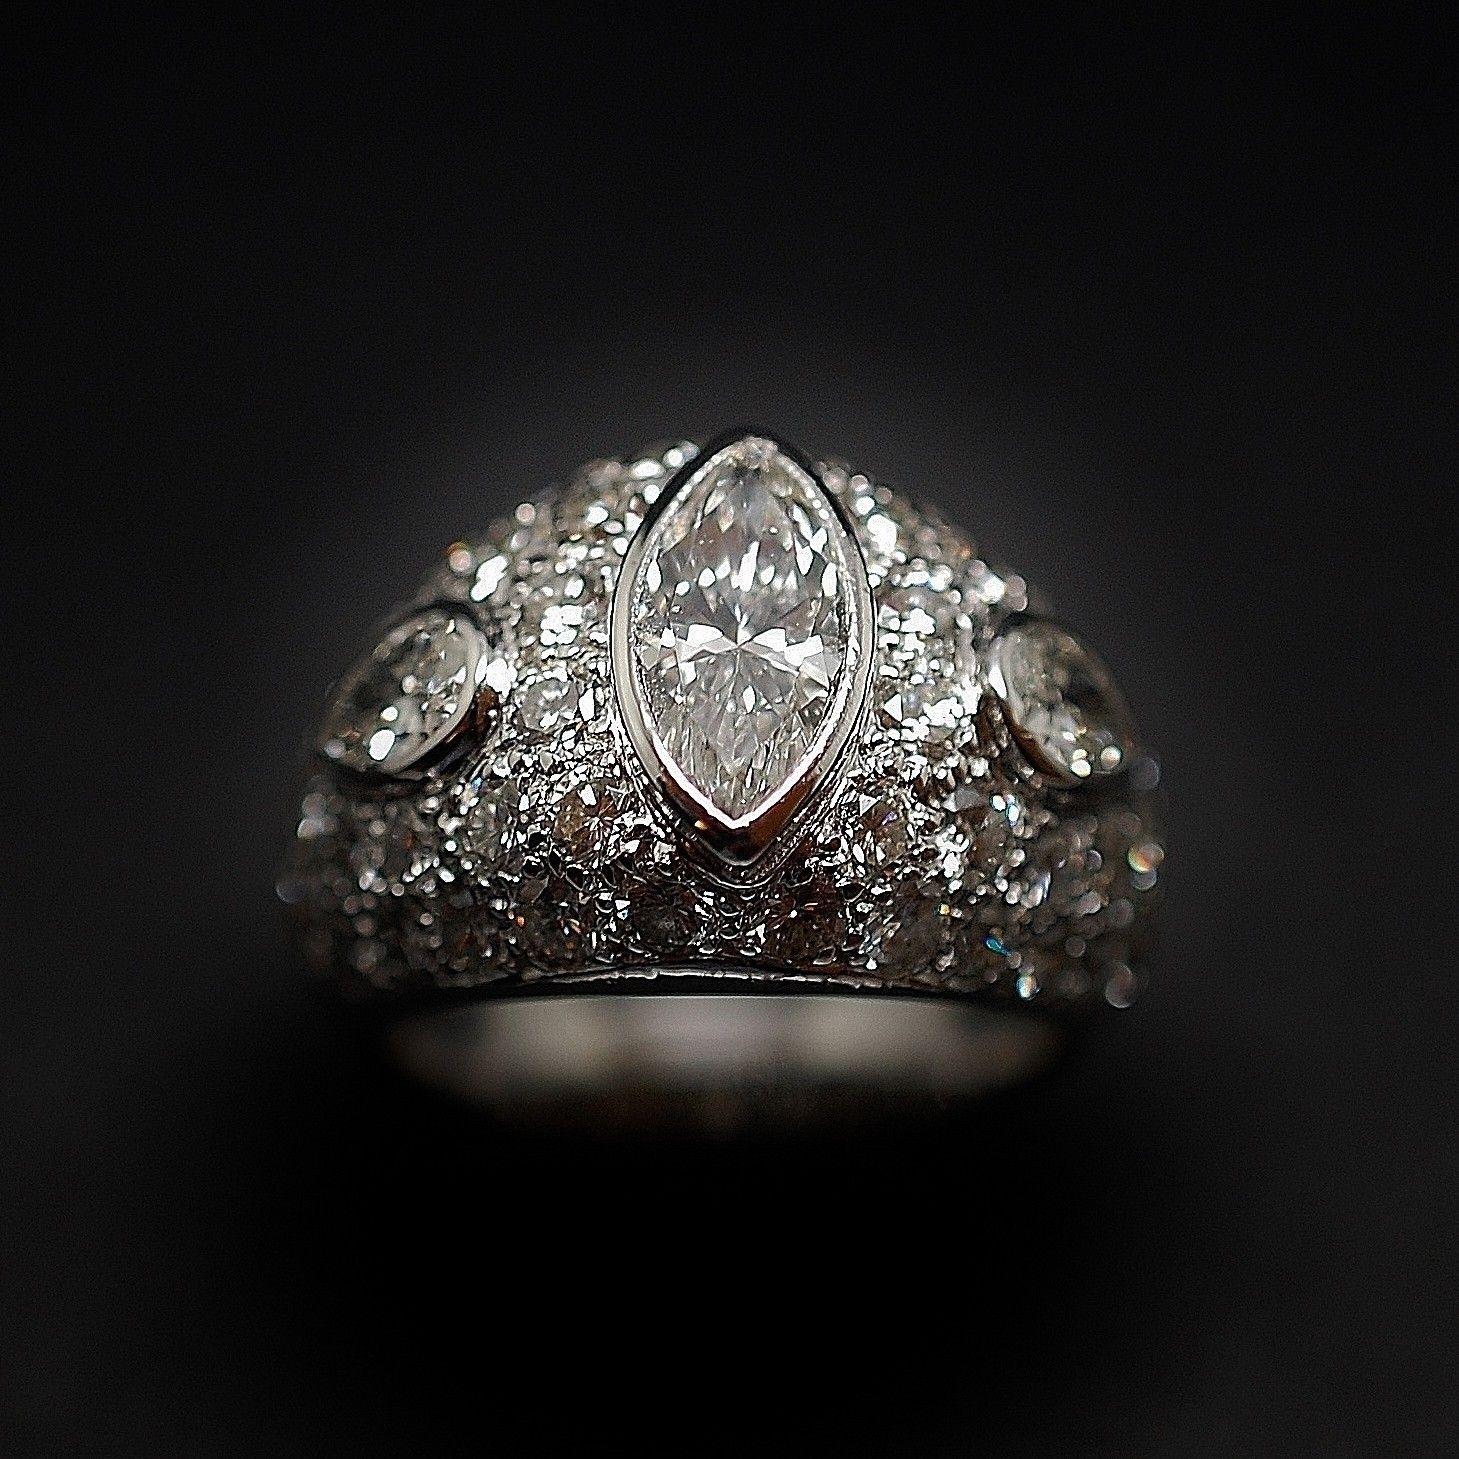 vendre une bague diamant